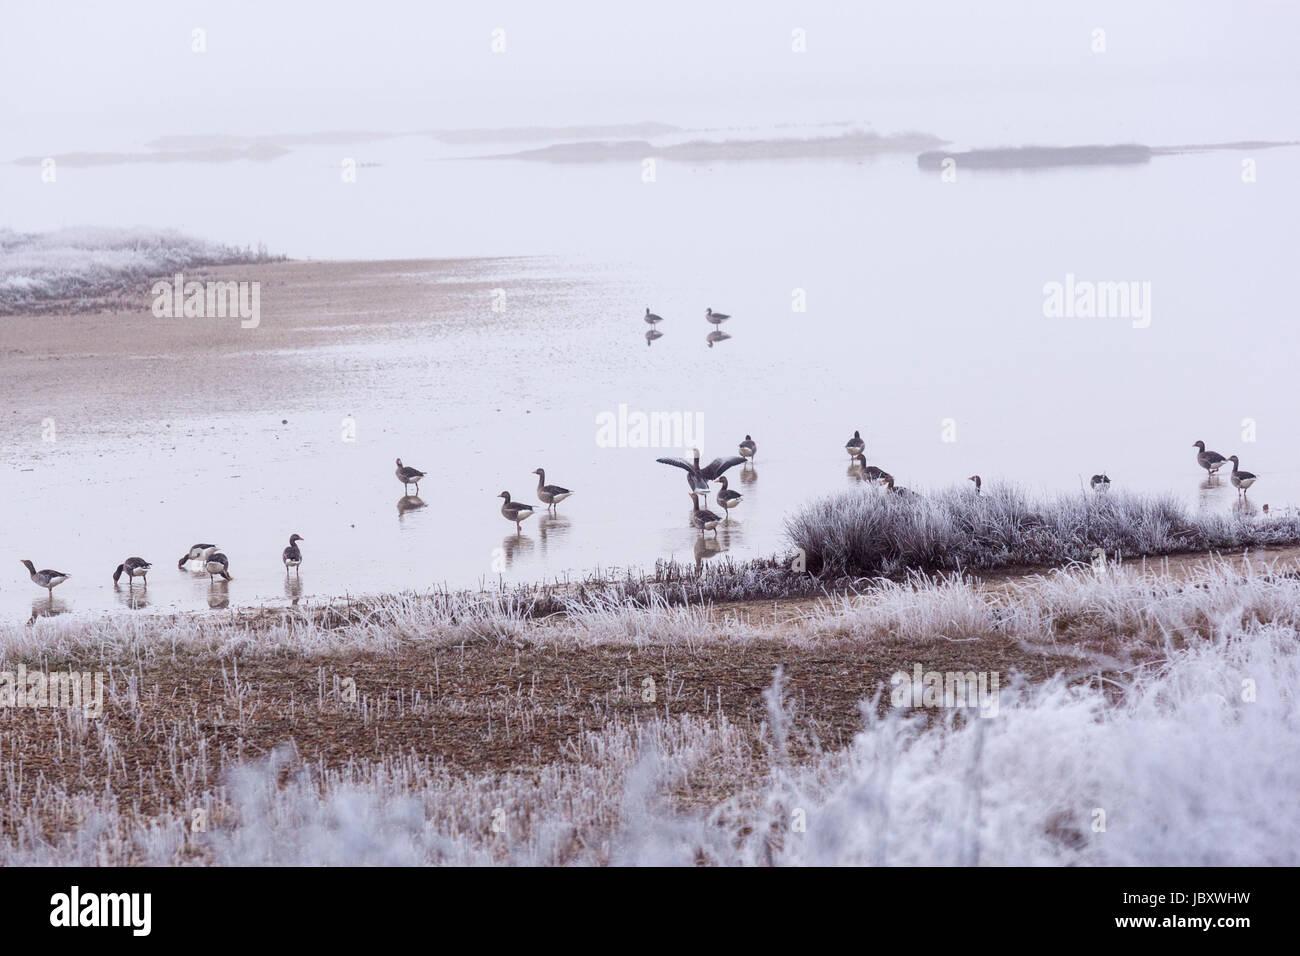 Gooses in Reserva natural de Lagunas de Villafáfila in winter, Zamora province, Castilla y Leon, Spain - Stock Image